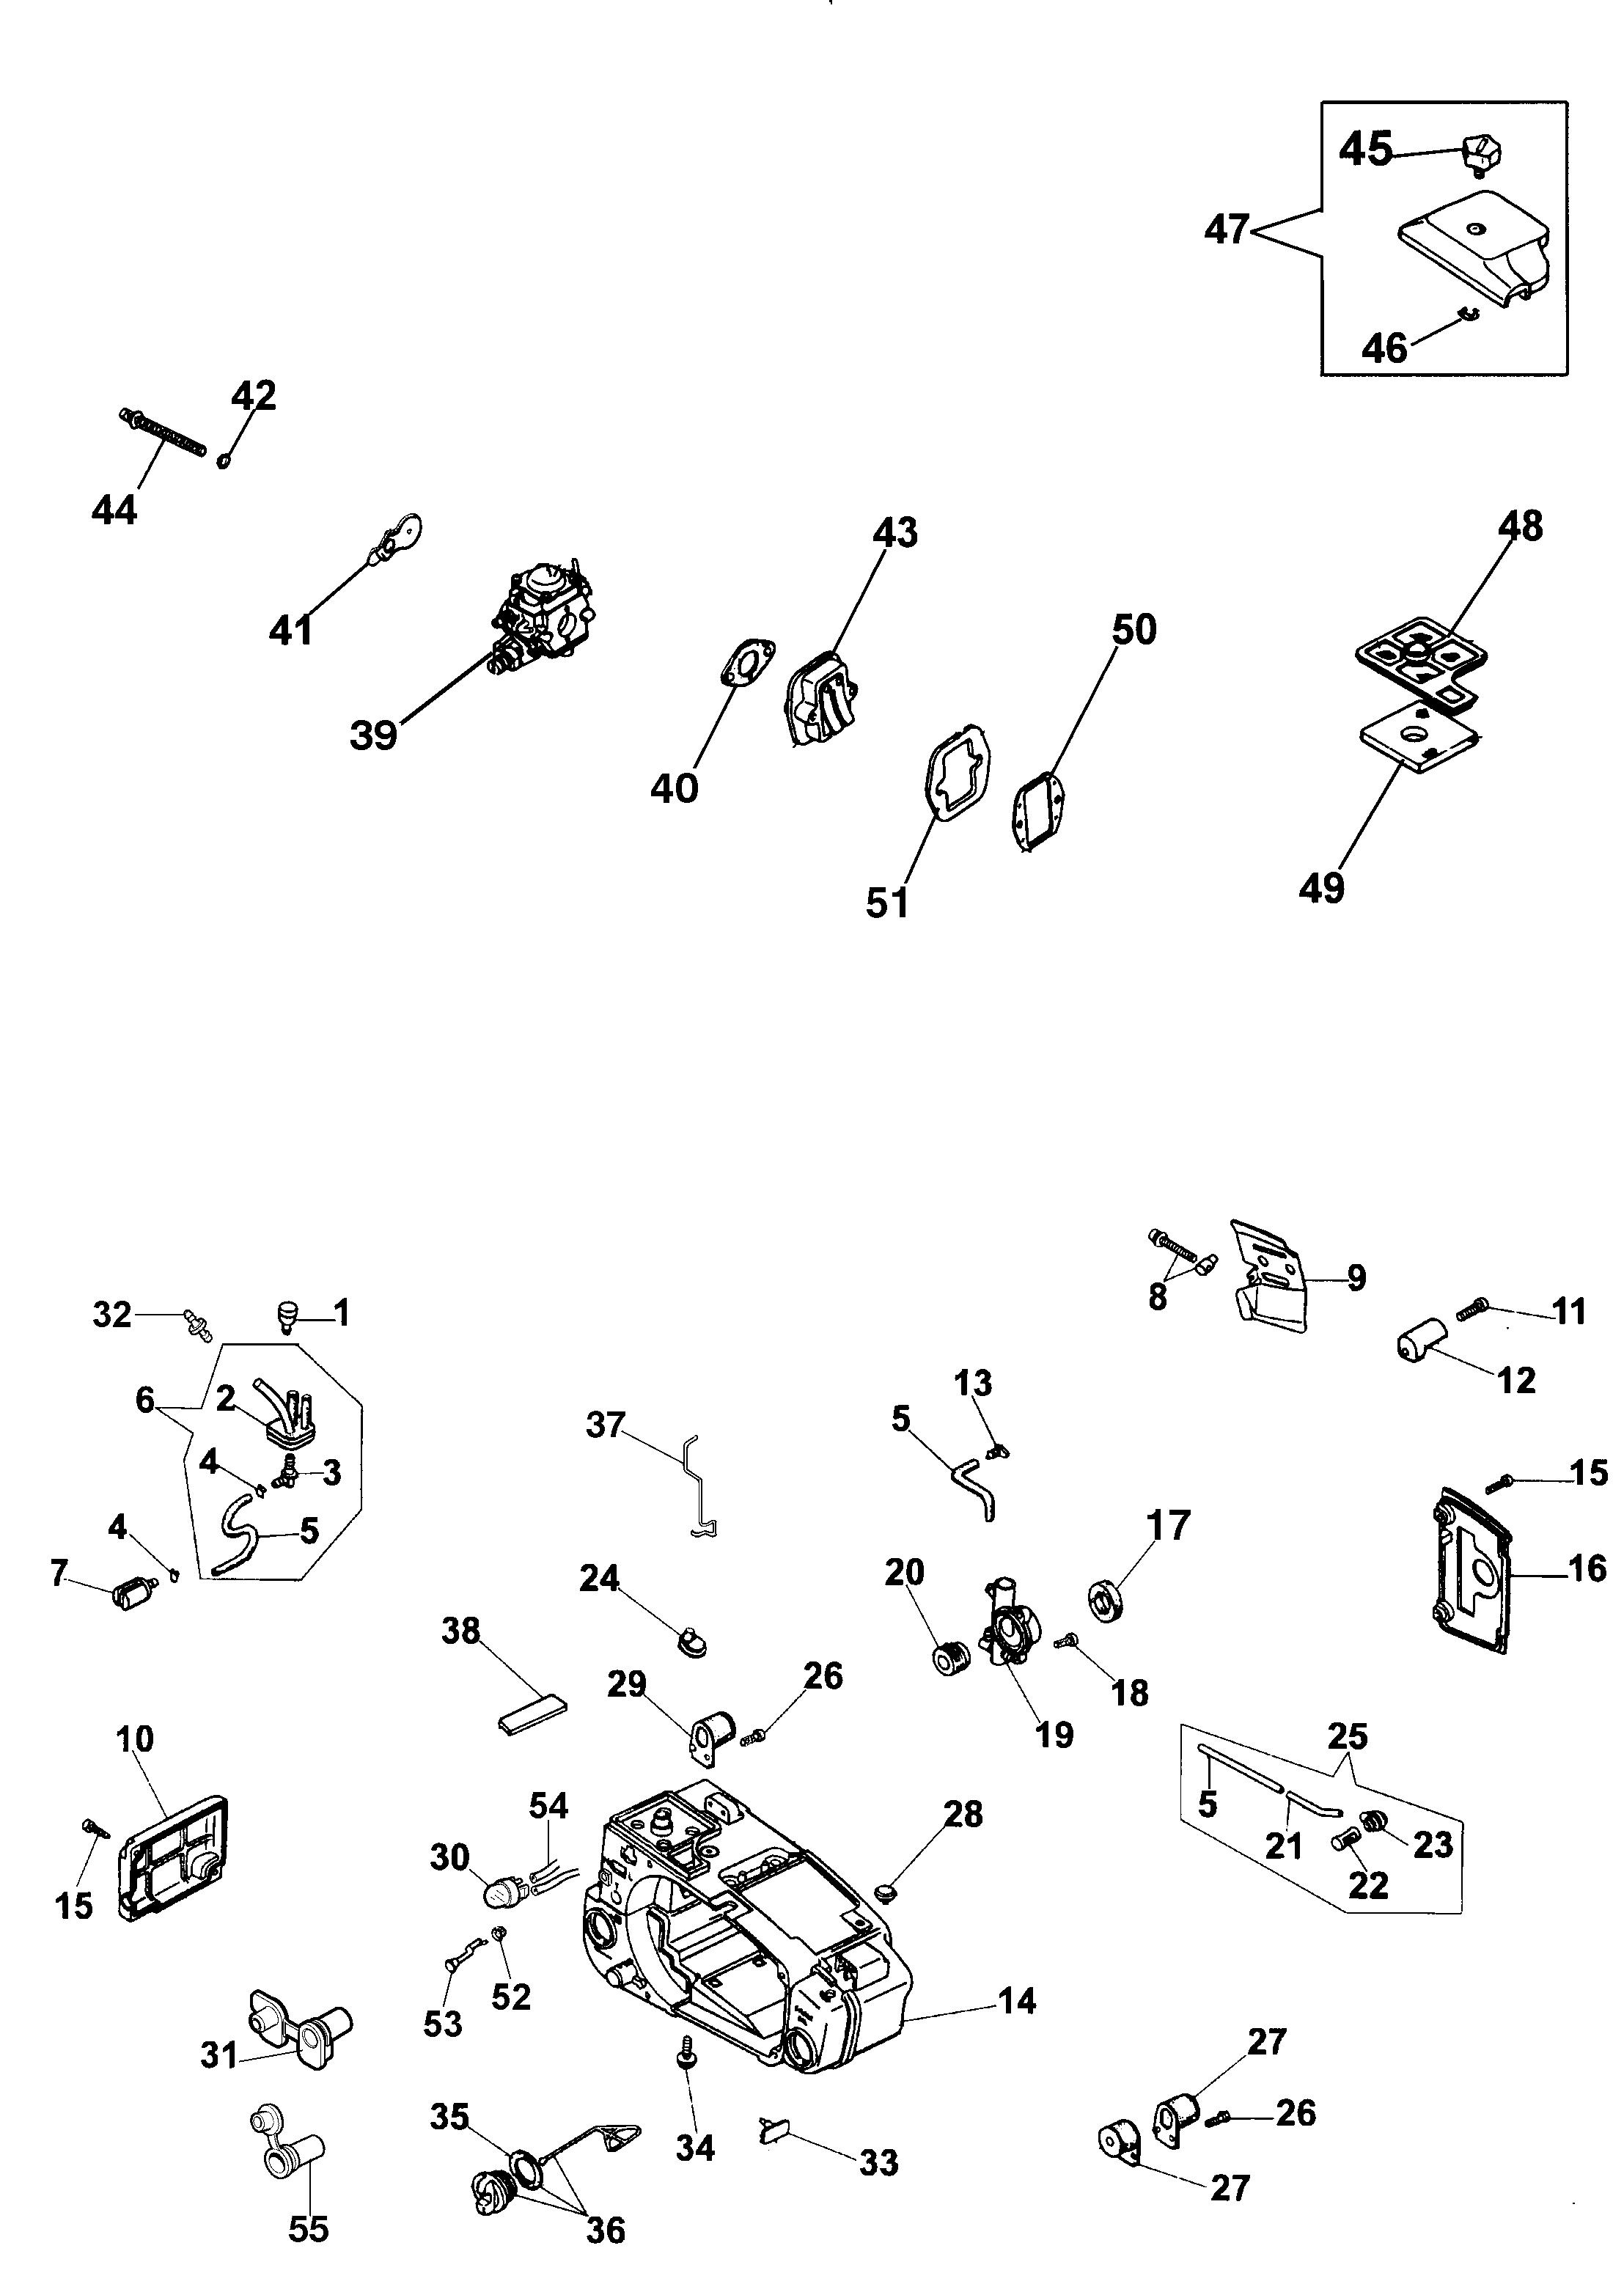 932 C Tronçonneuse oleomac Dessins pièces vue éclatée Réservoir et filtre air